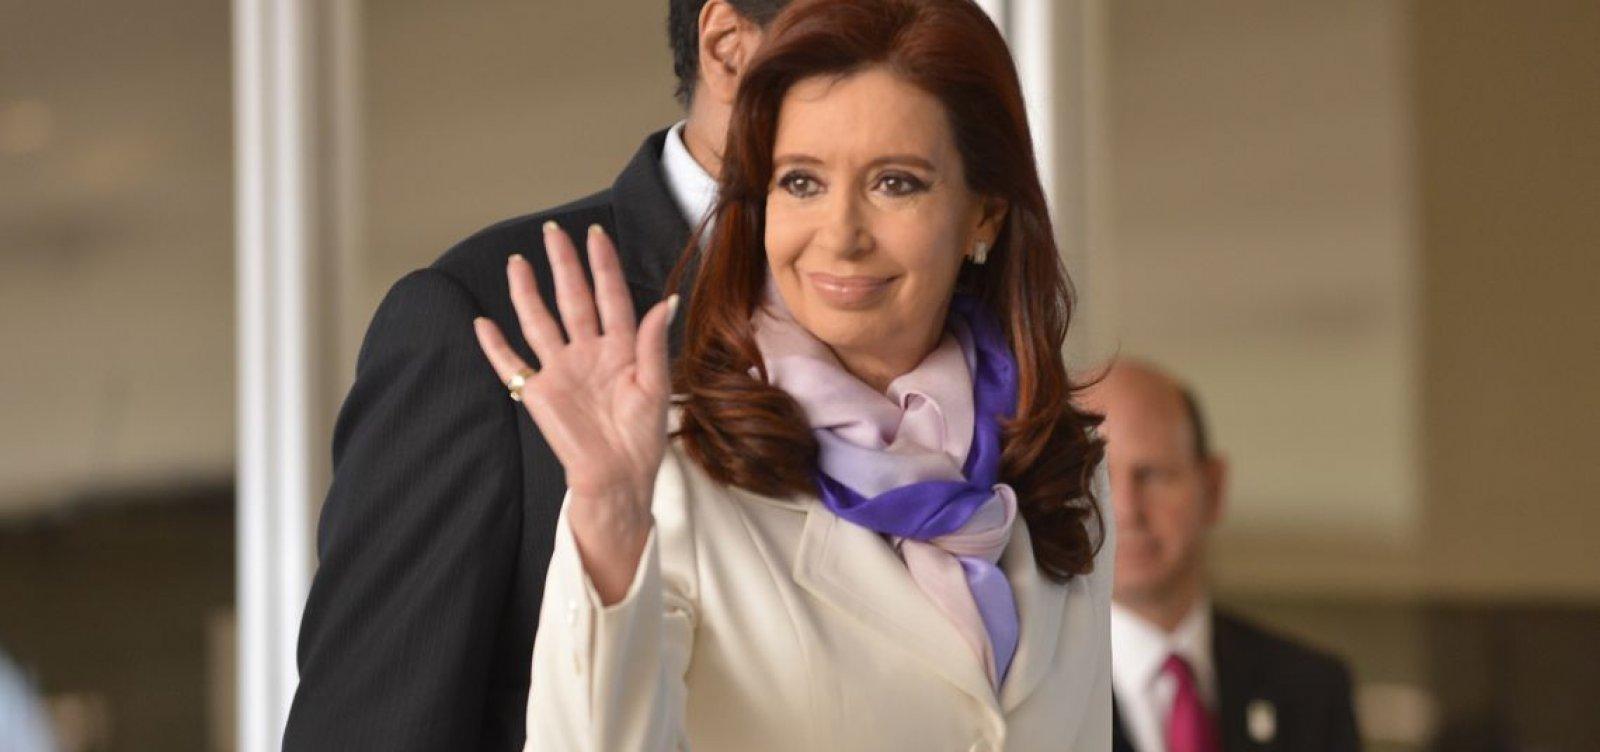 [Cristina Kirchner comparece a tribunal para segundo dia de julgamento]